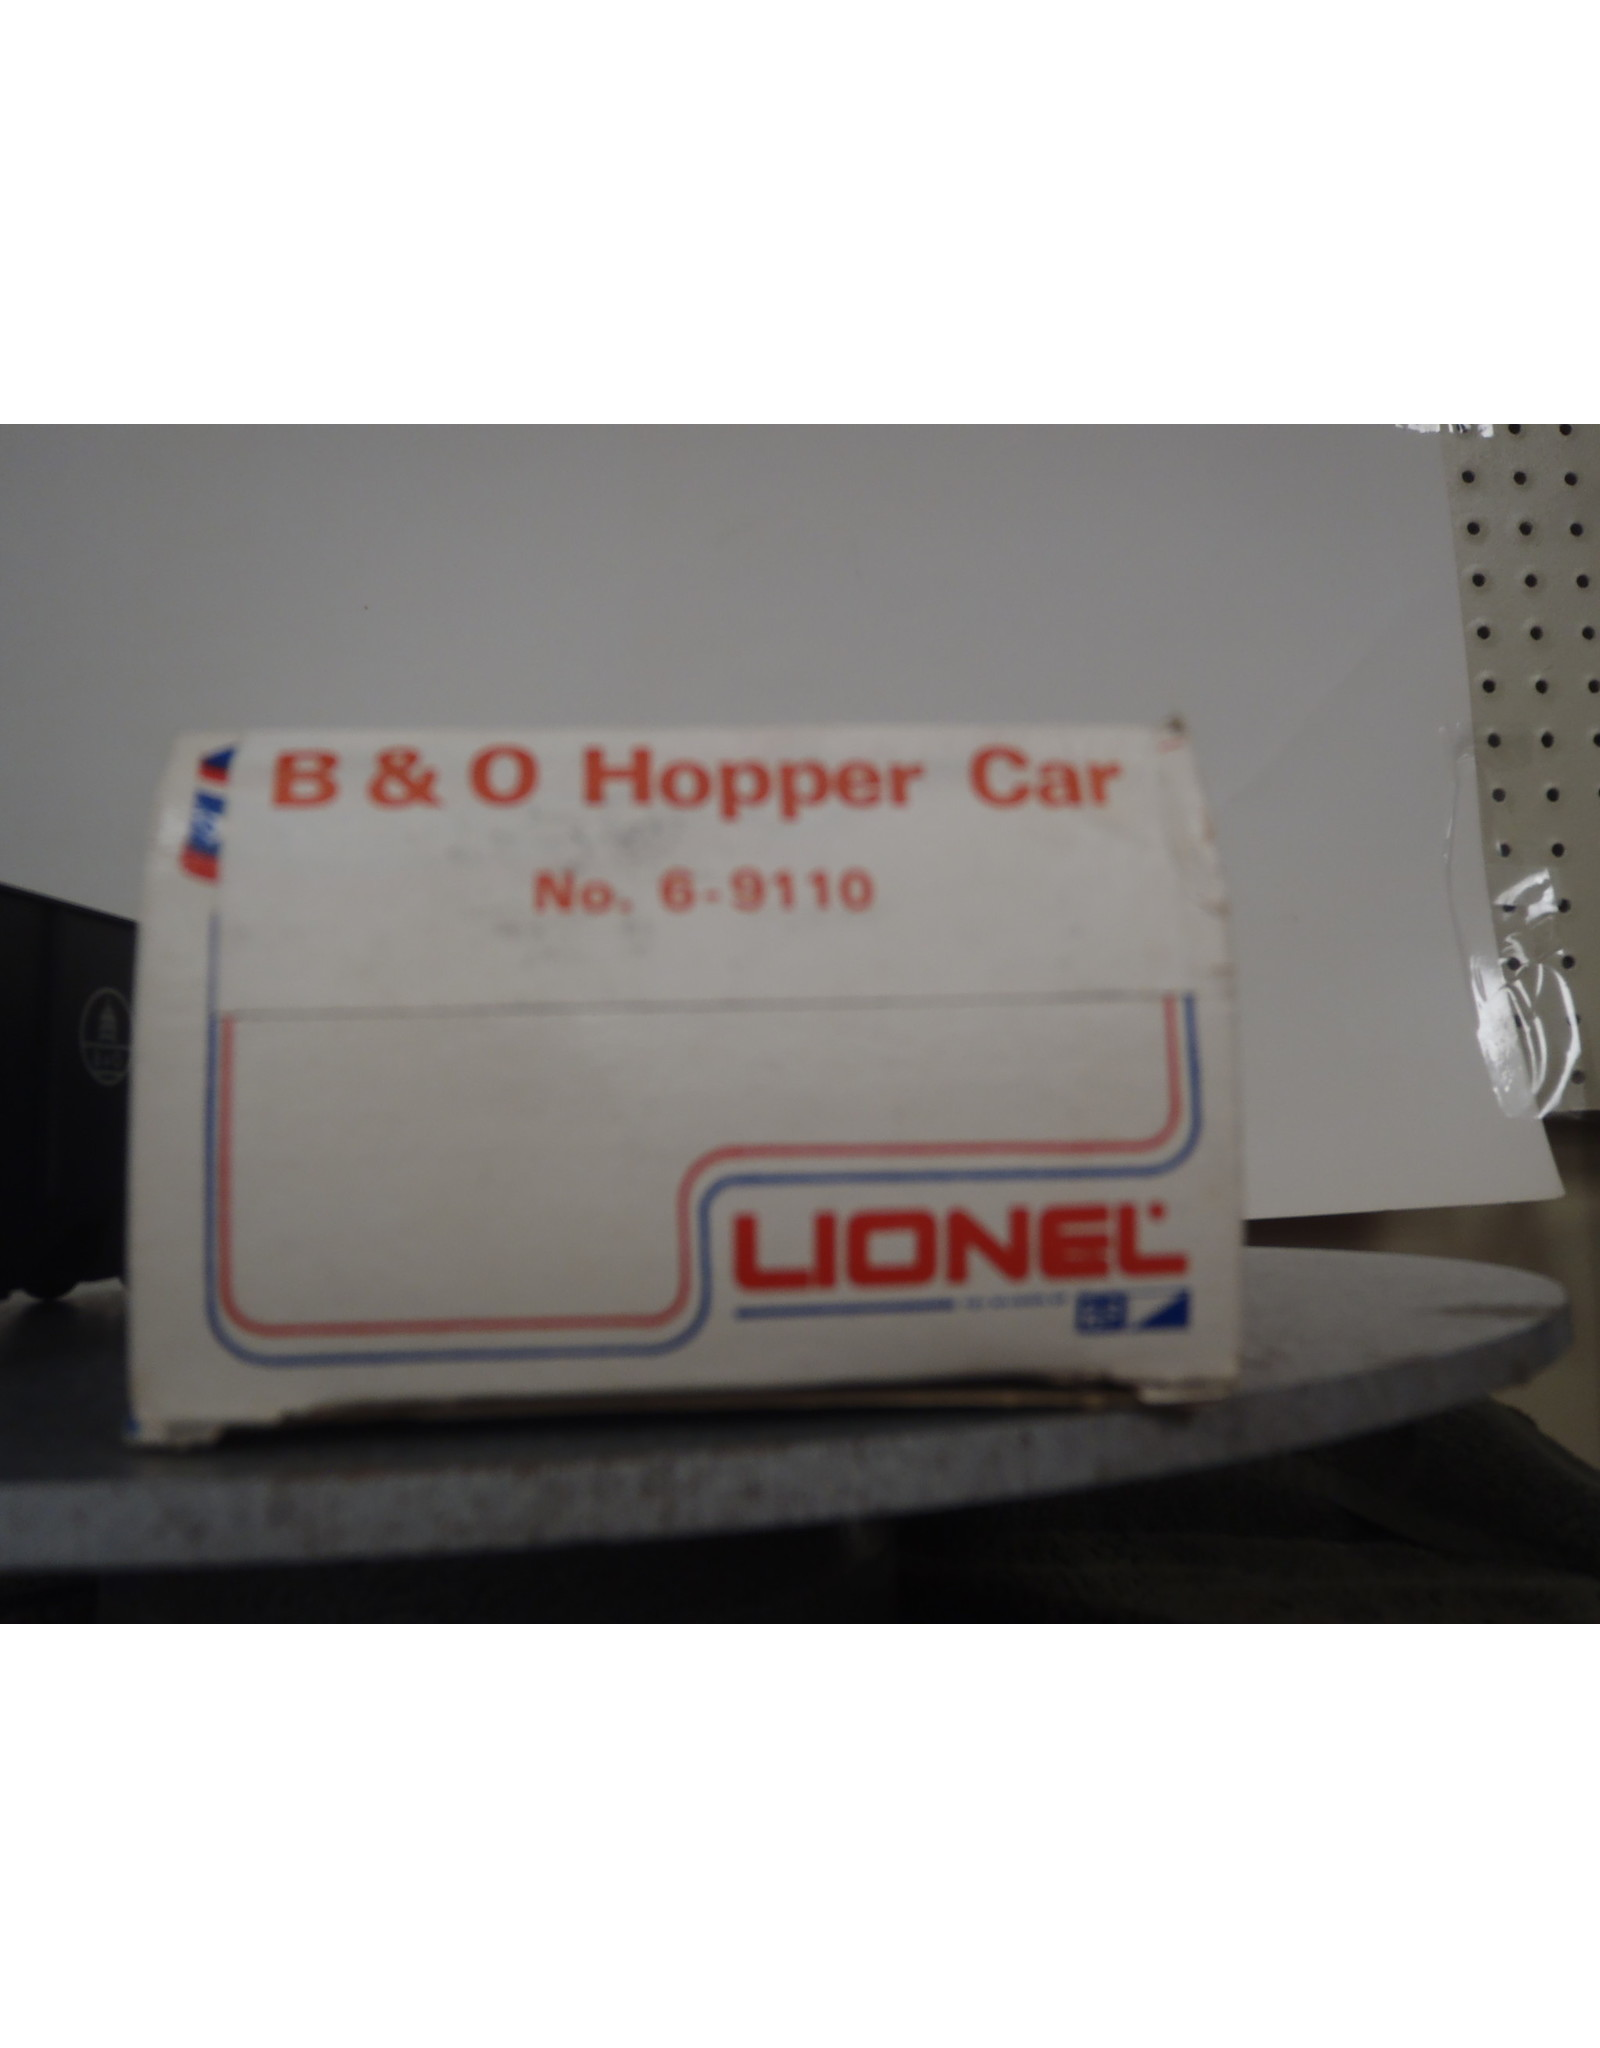 Lionel Hopper B&O 9110